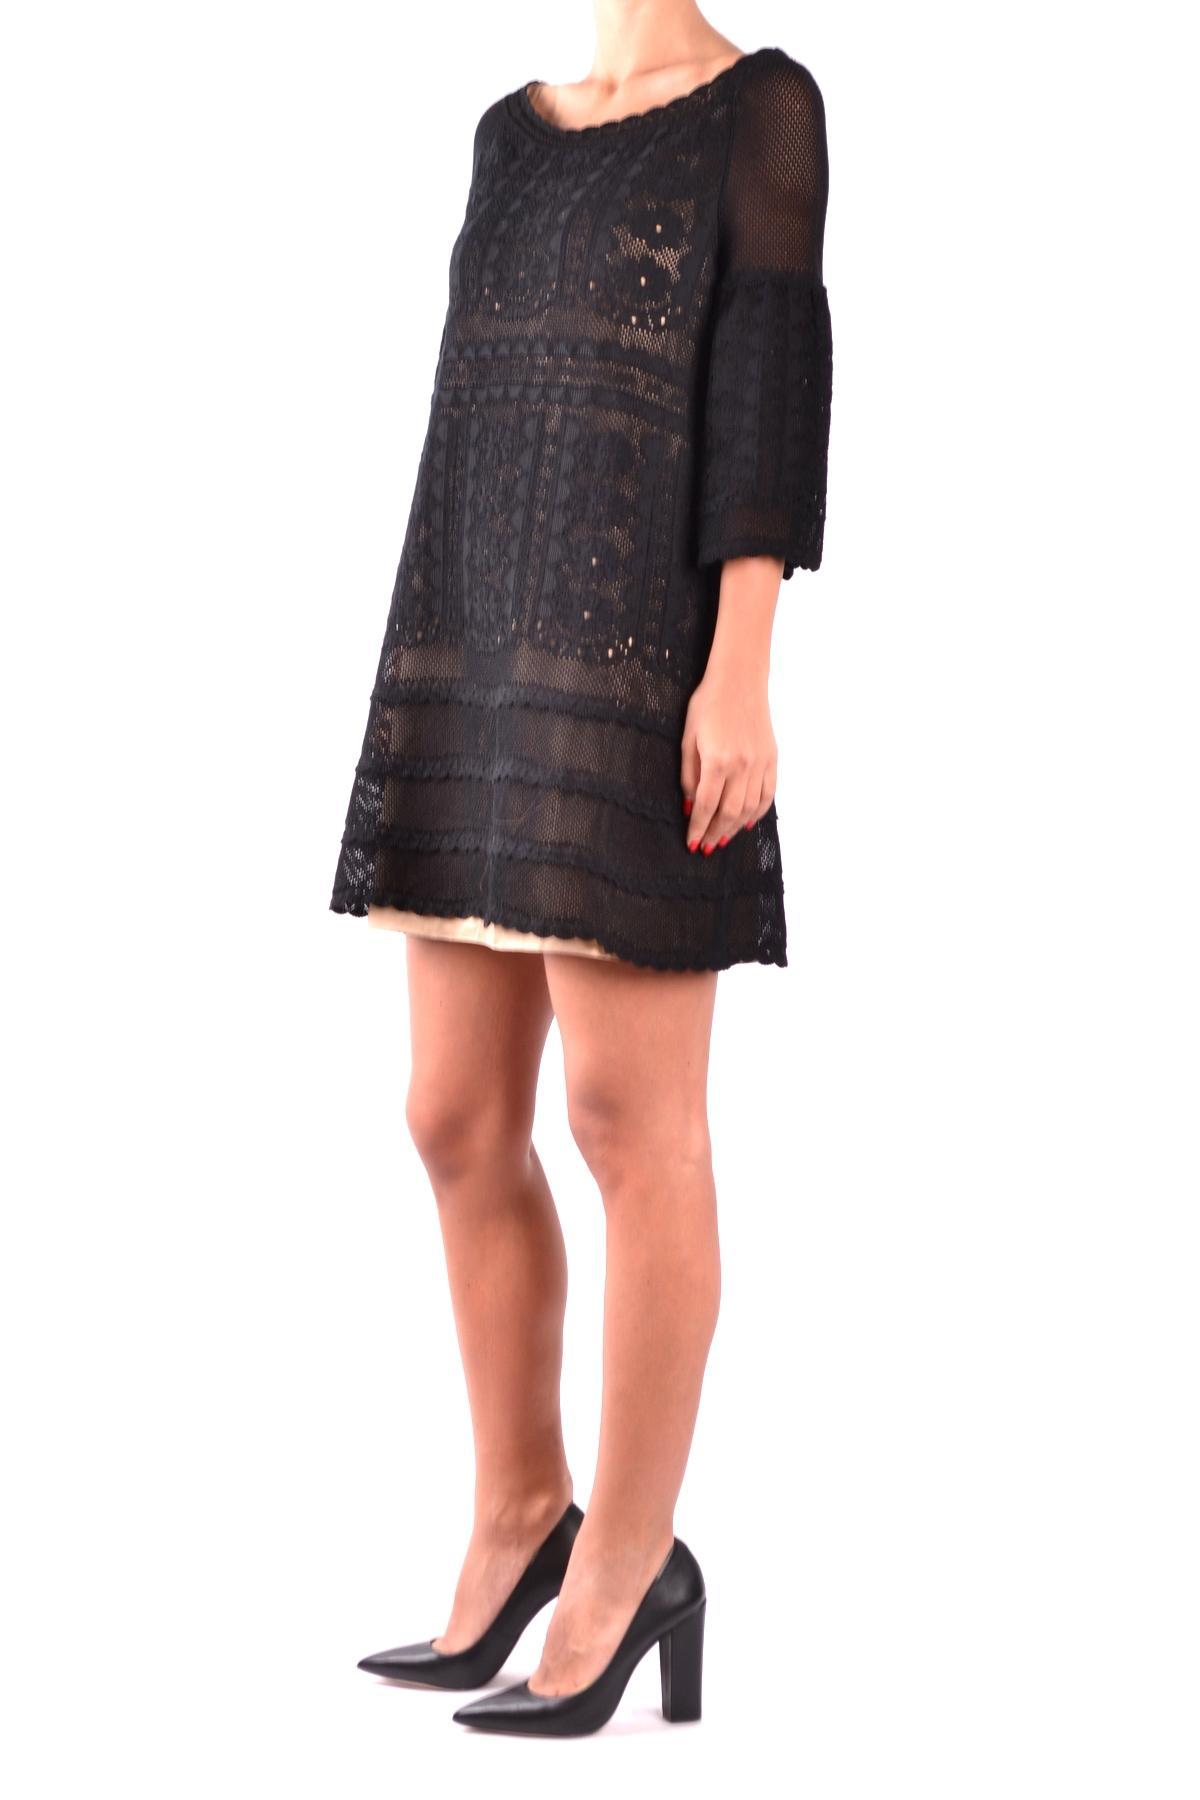 best value 6fa76 47067 Women's Black Cotton Dress